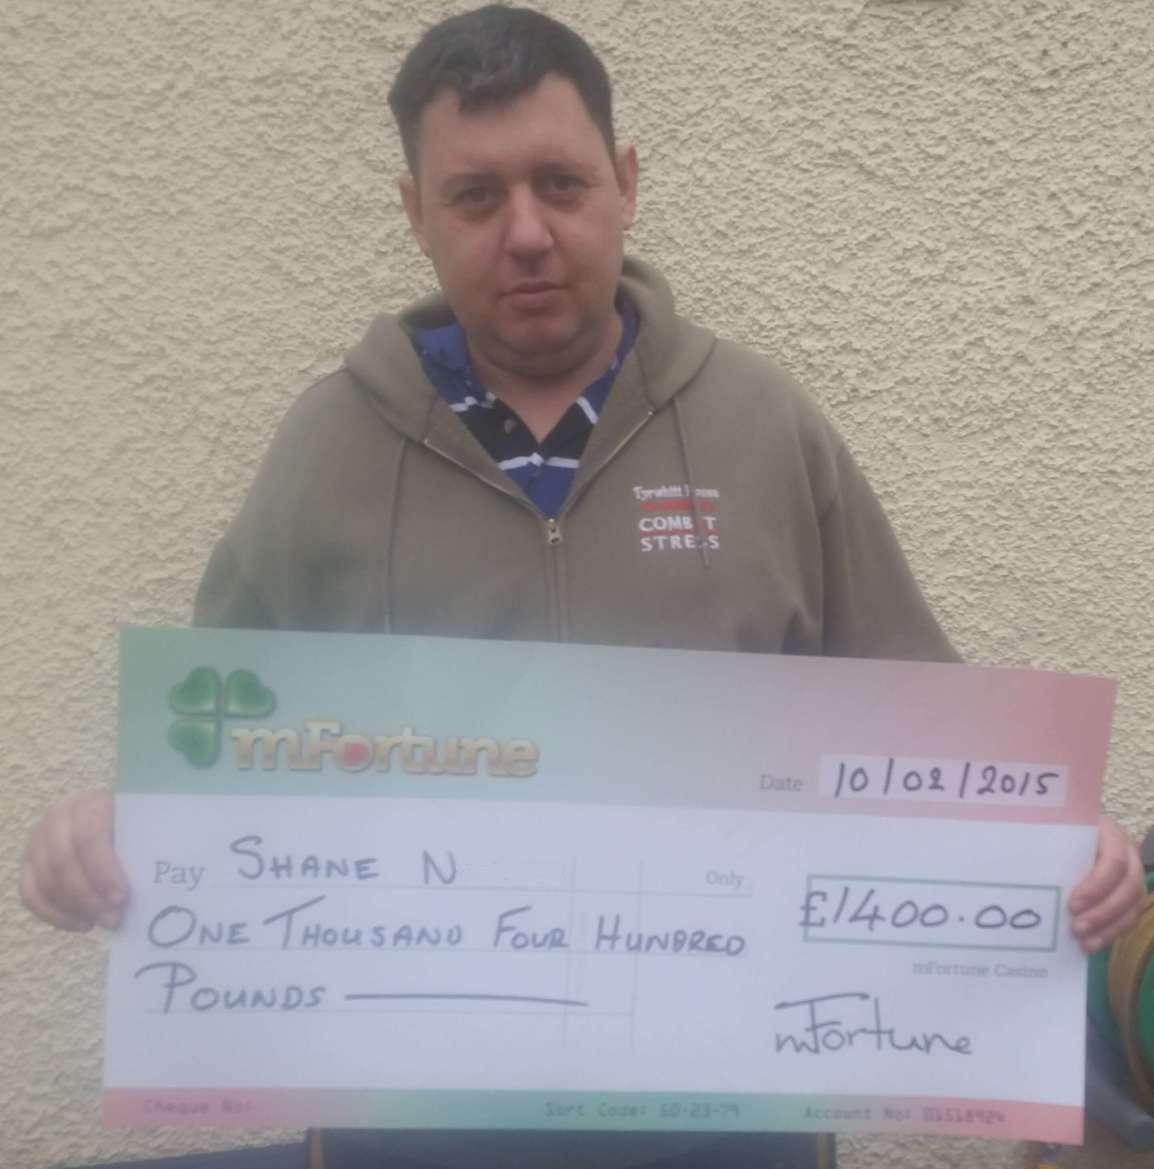 Shane N won £ 1,400